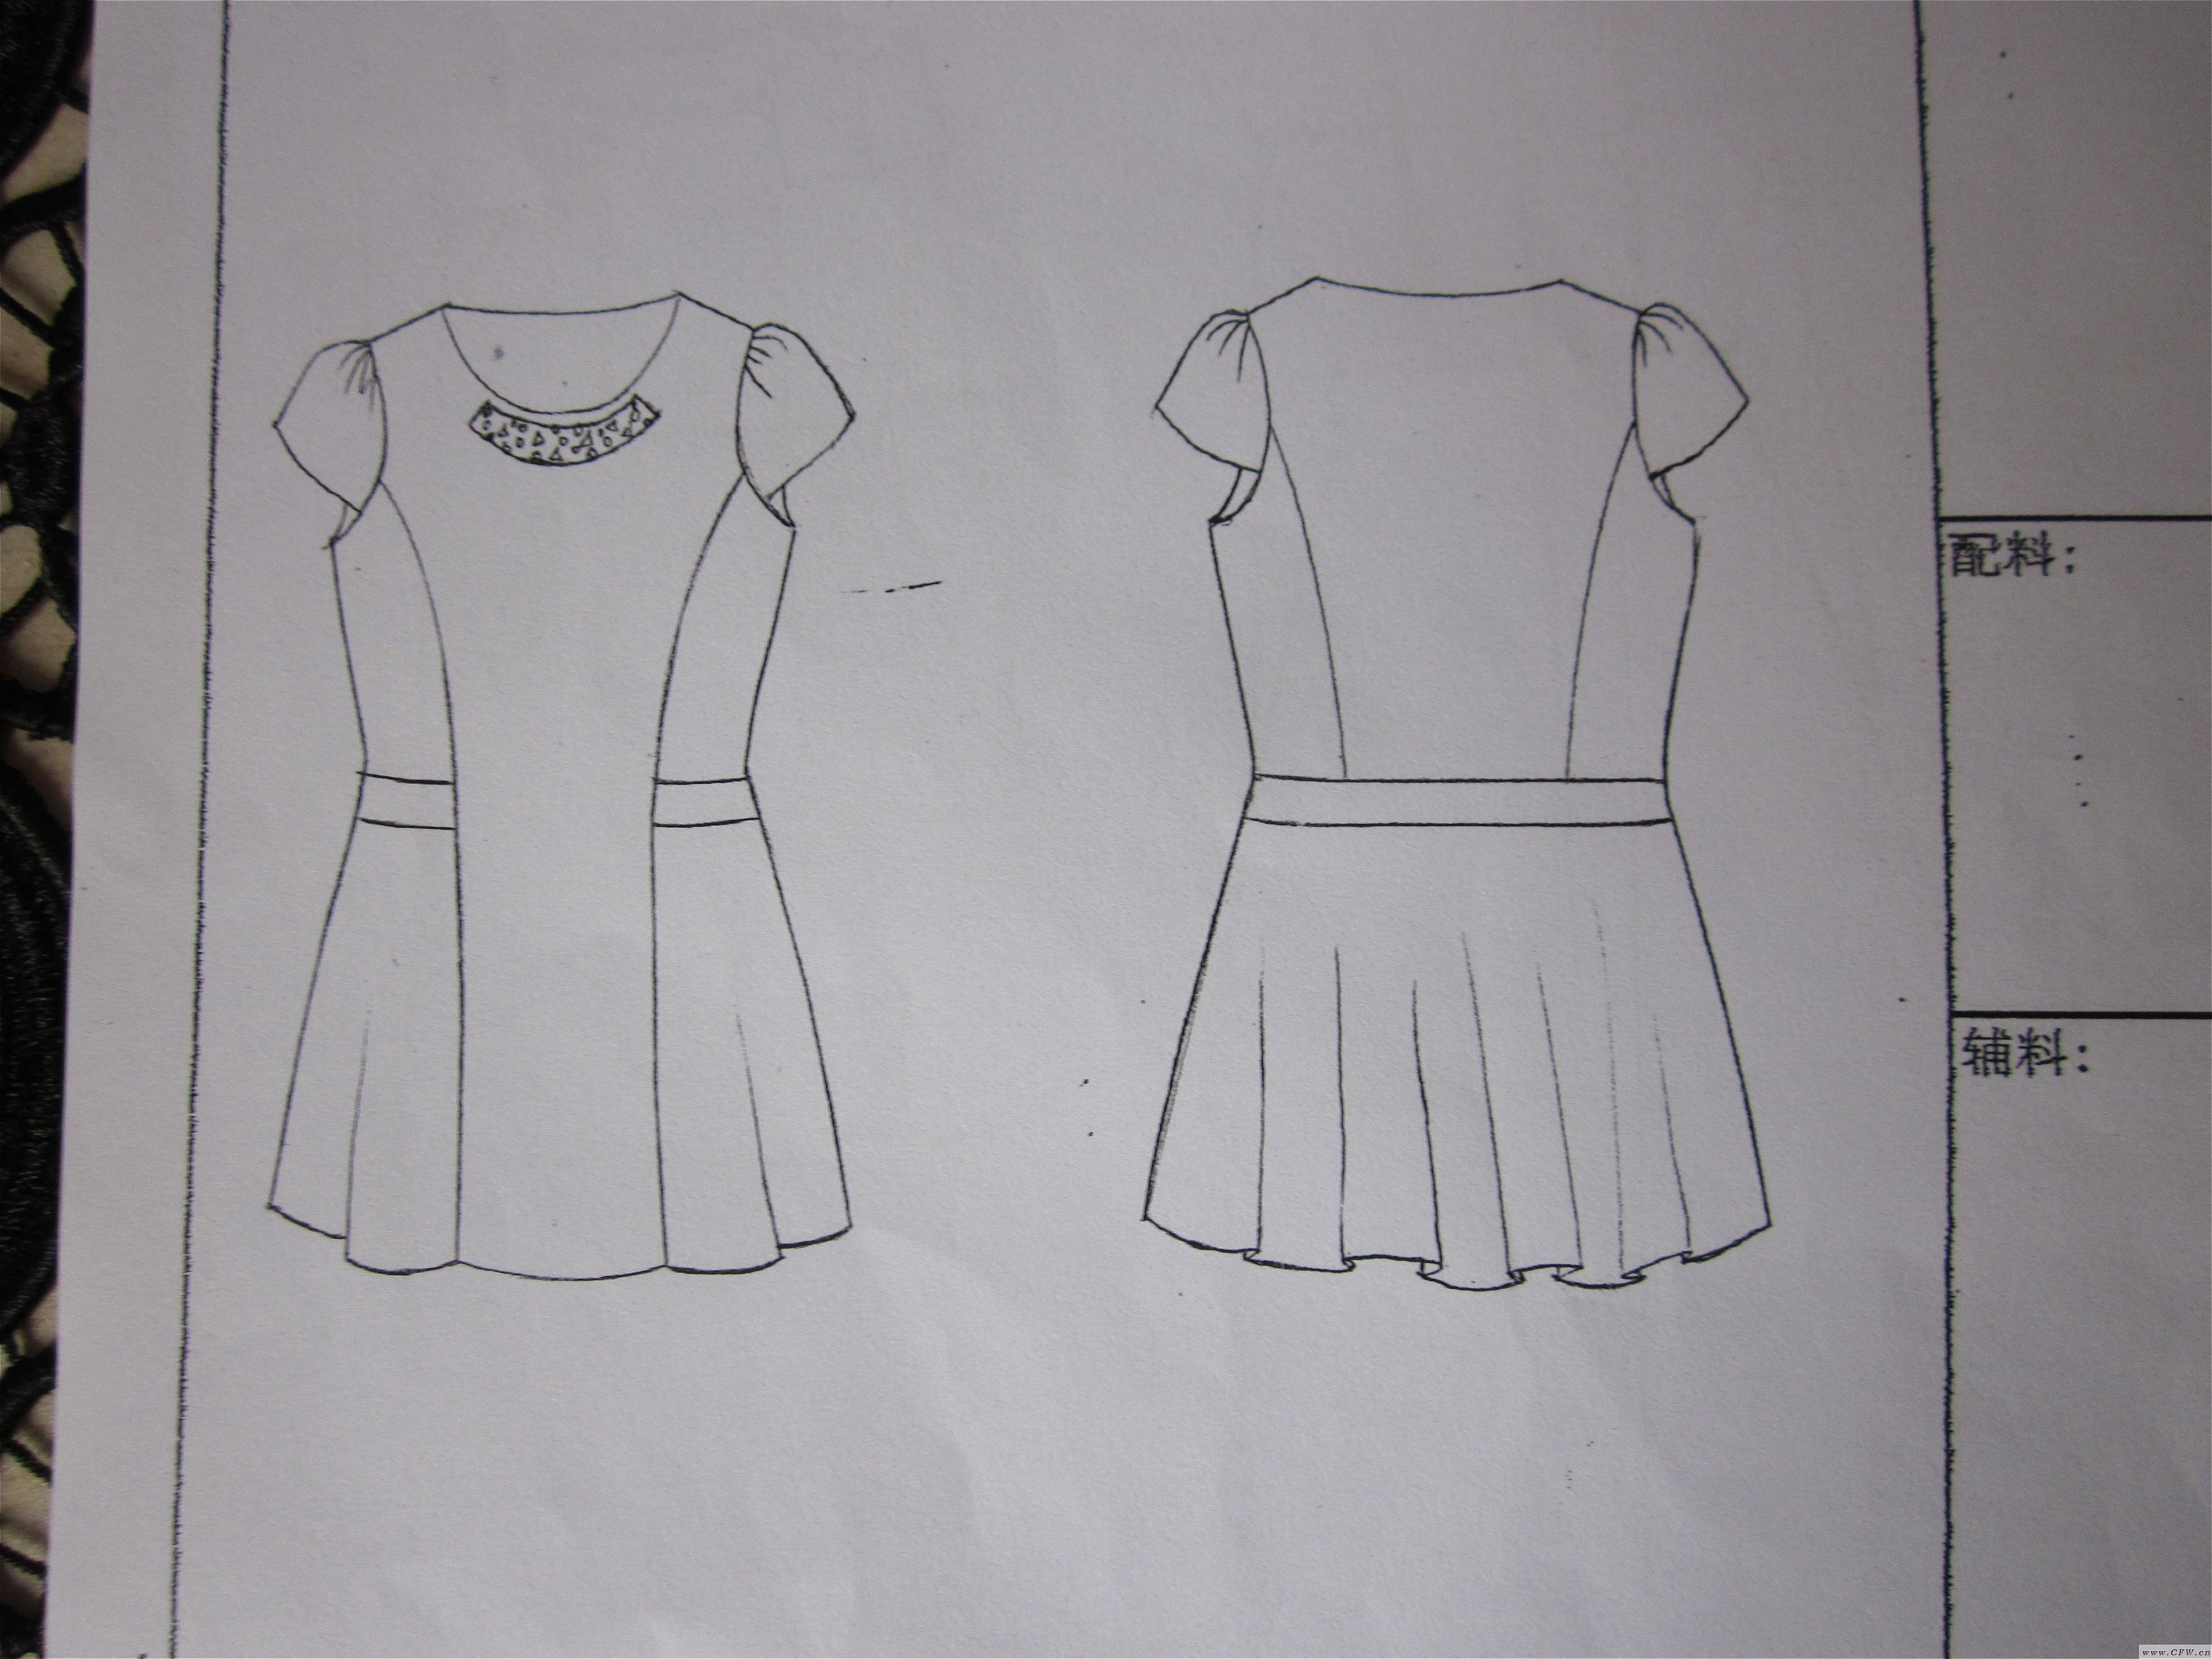 女装款式图-女装设计-服装设计